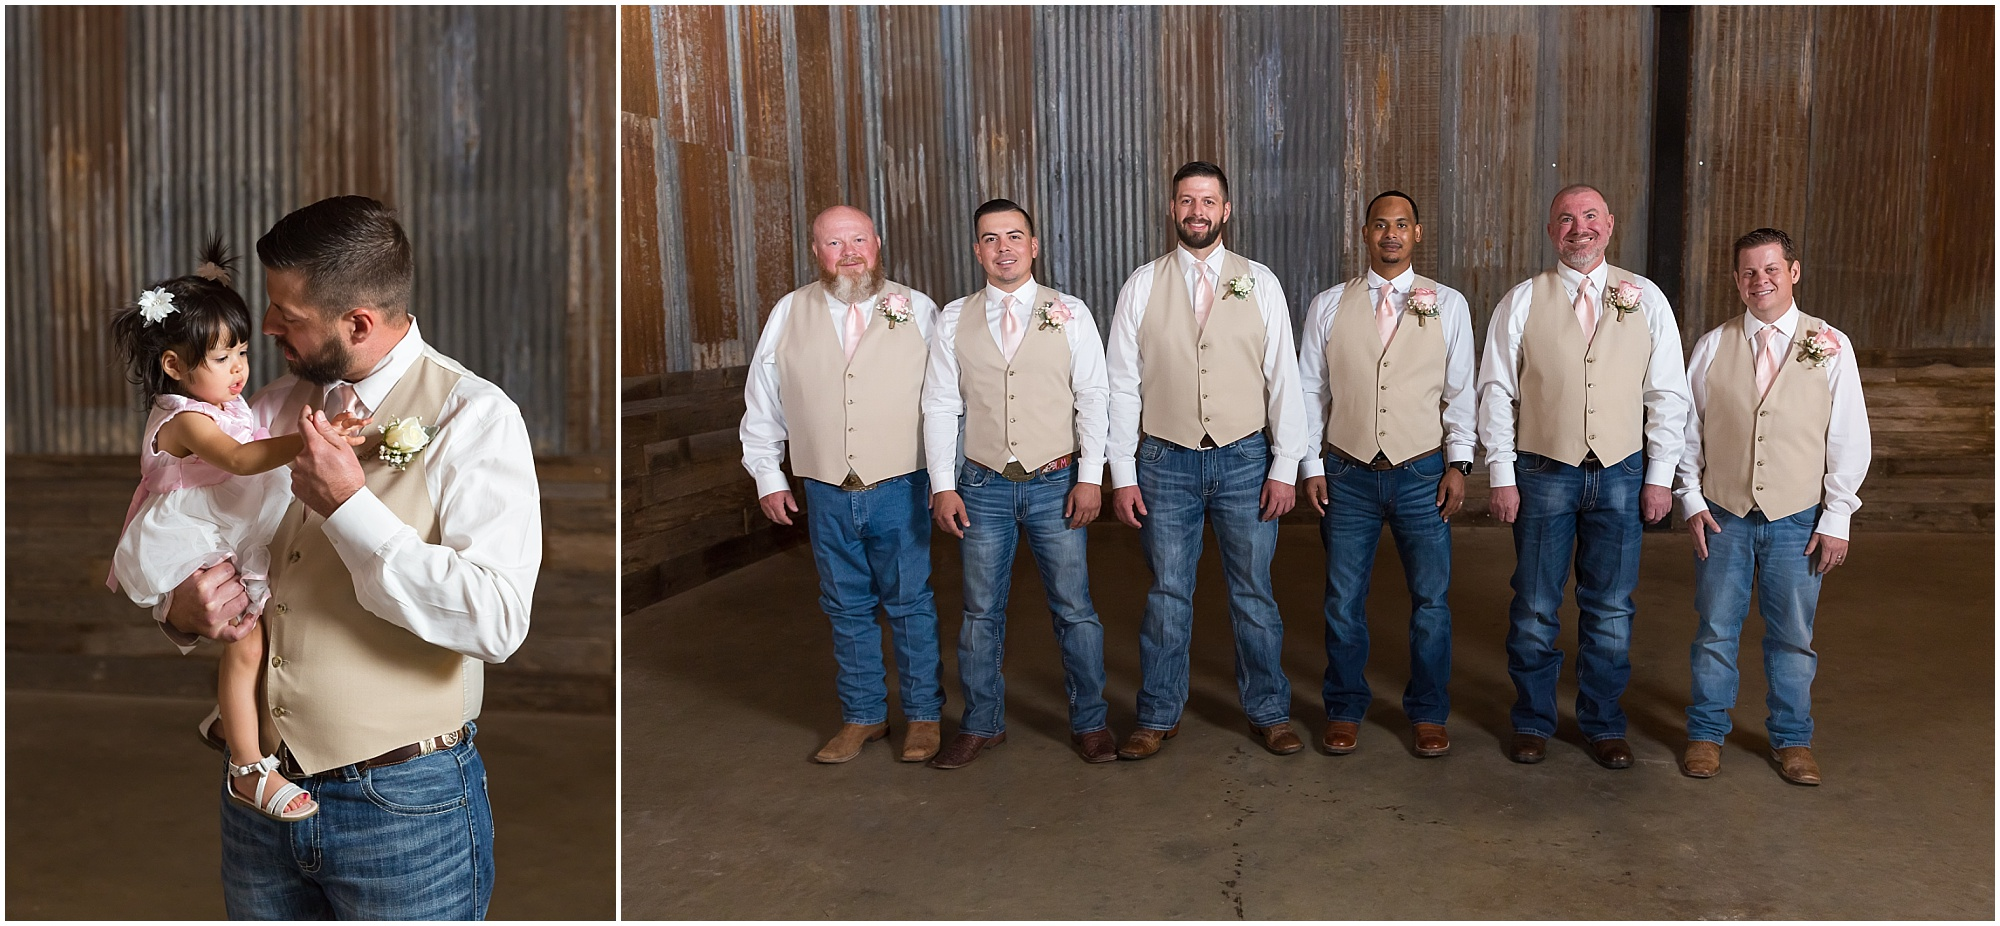 Rustic wedding at Rustic Acres in Belton, Texas - Jason & Melaina Photography - www.jasonandmelaina.com